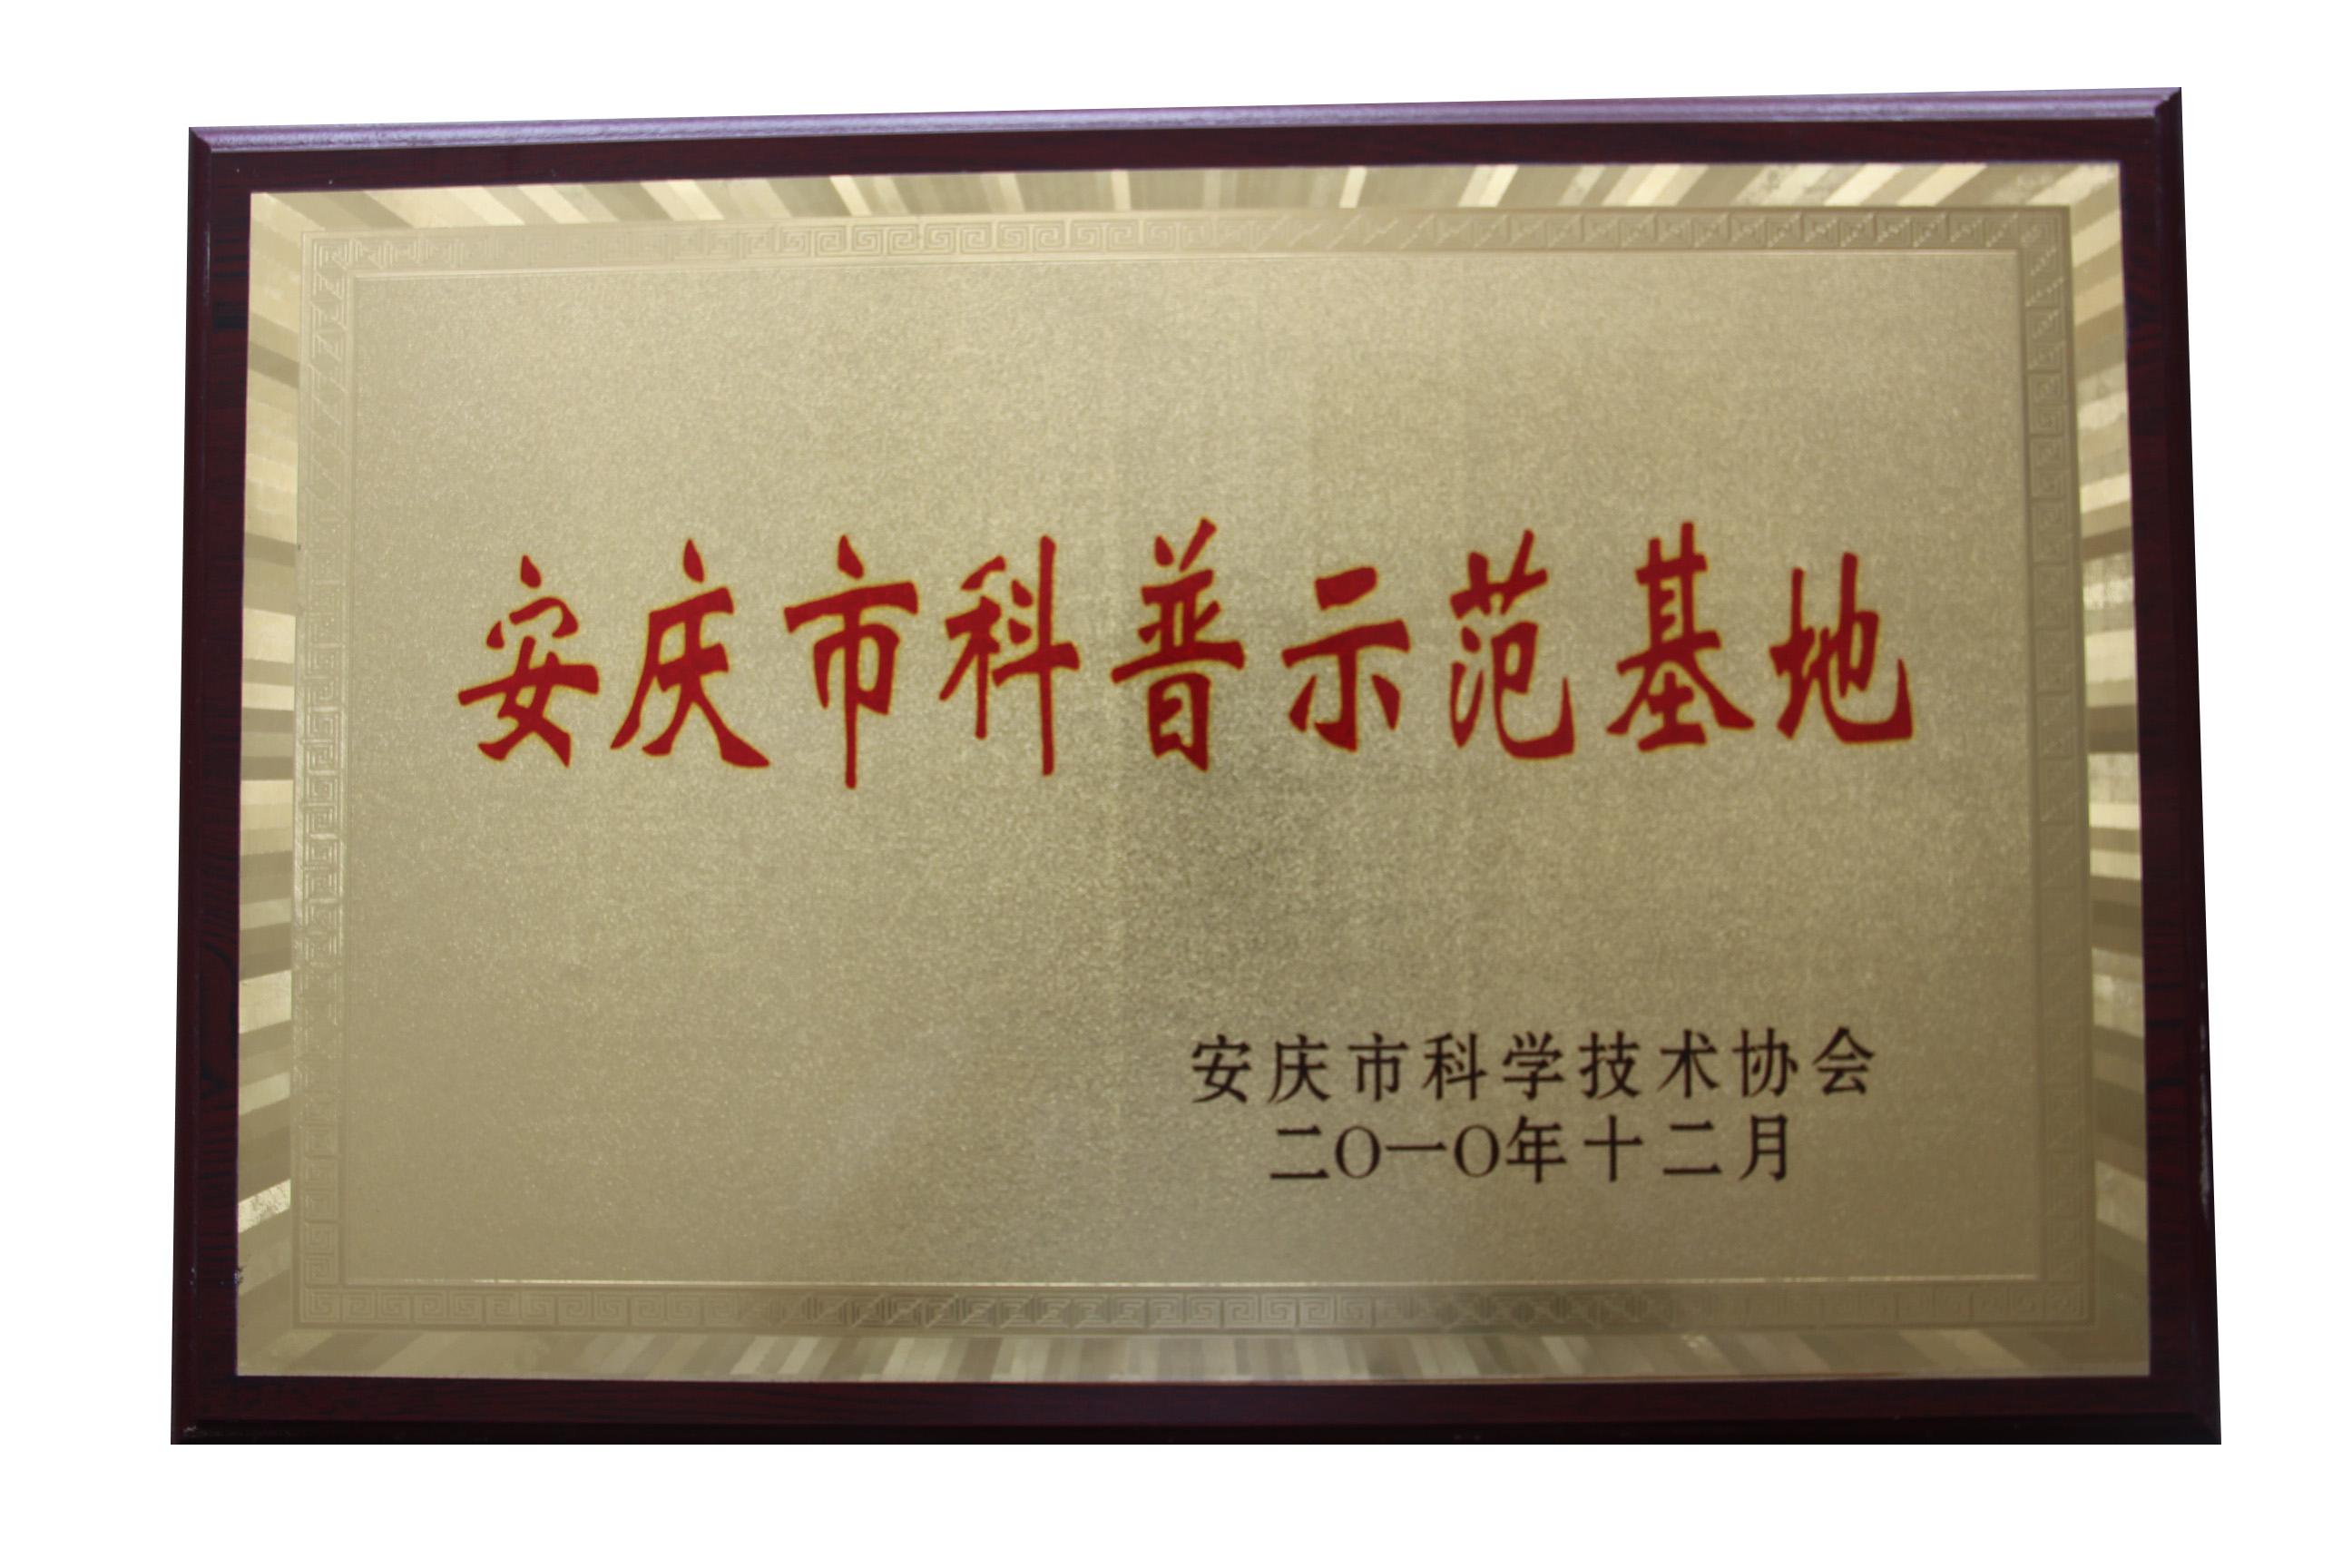 安庆市科普示范基地